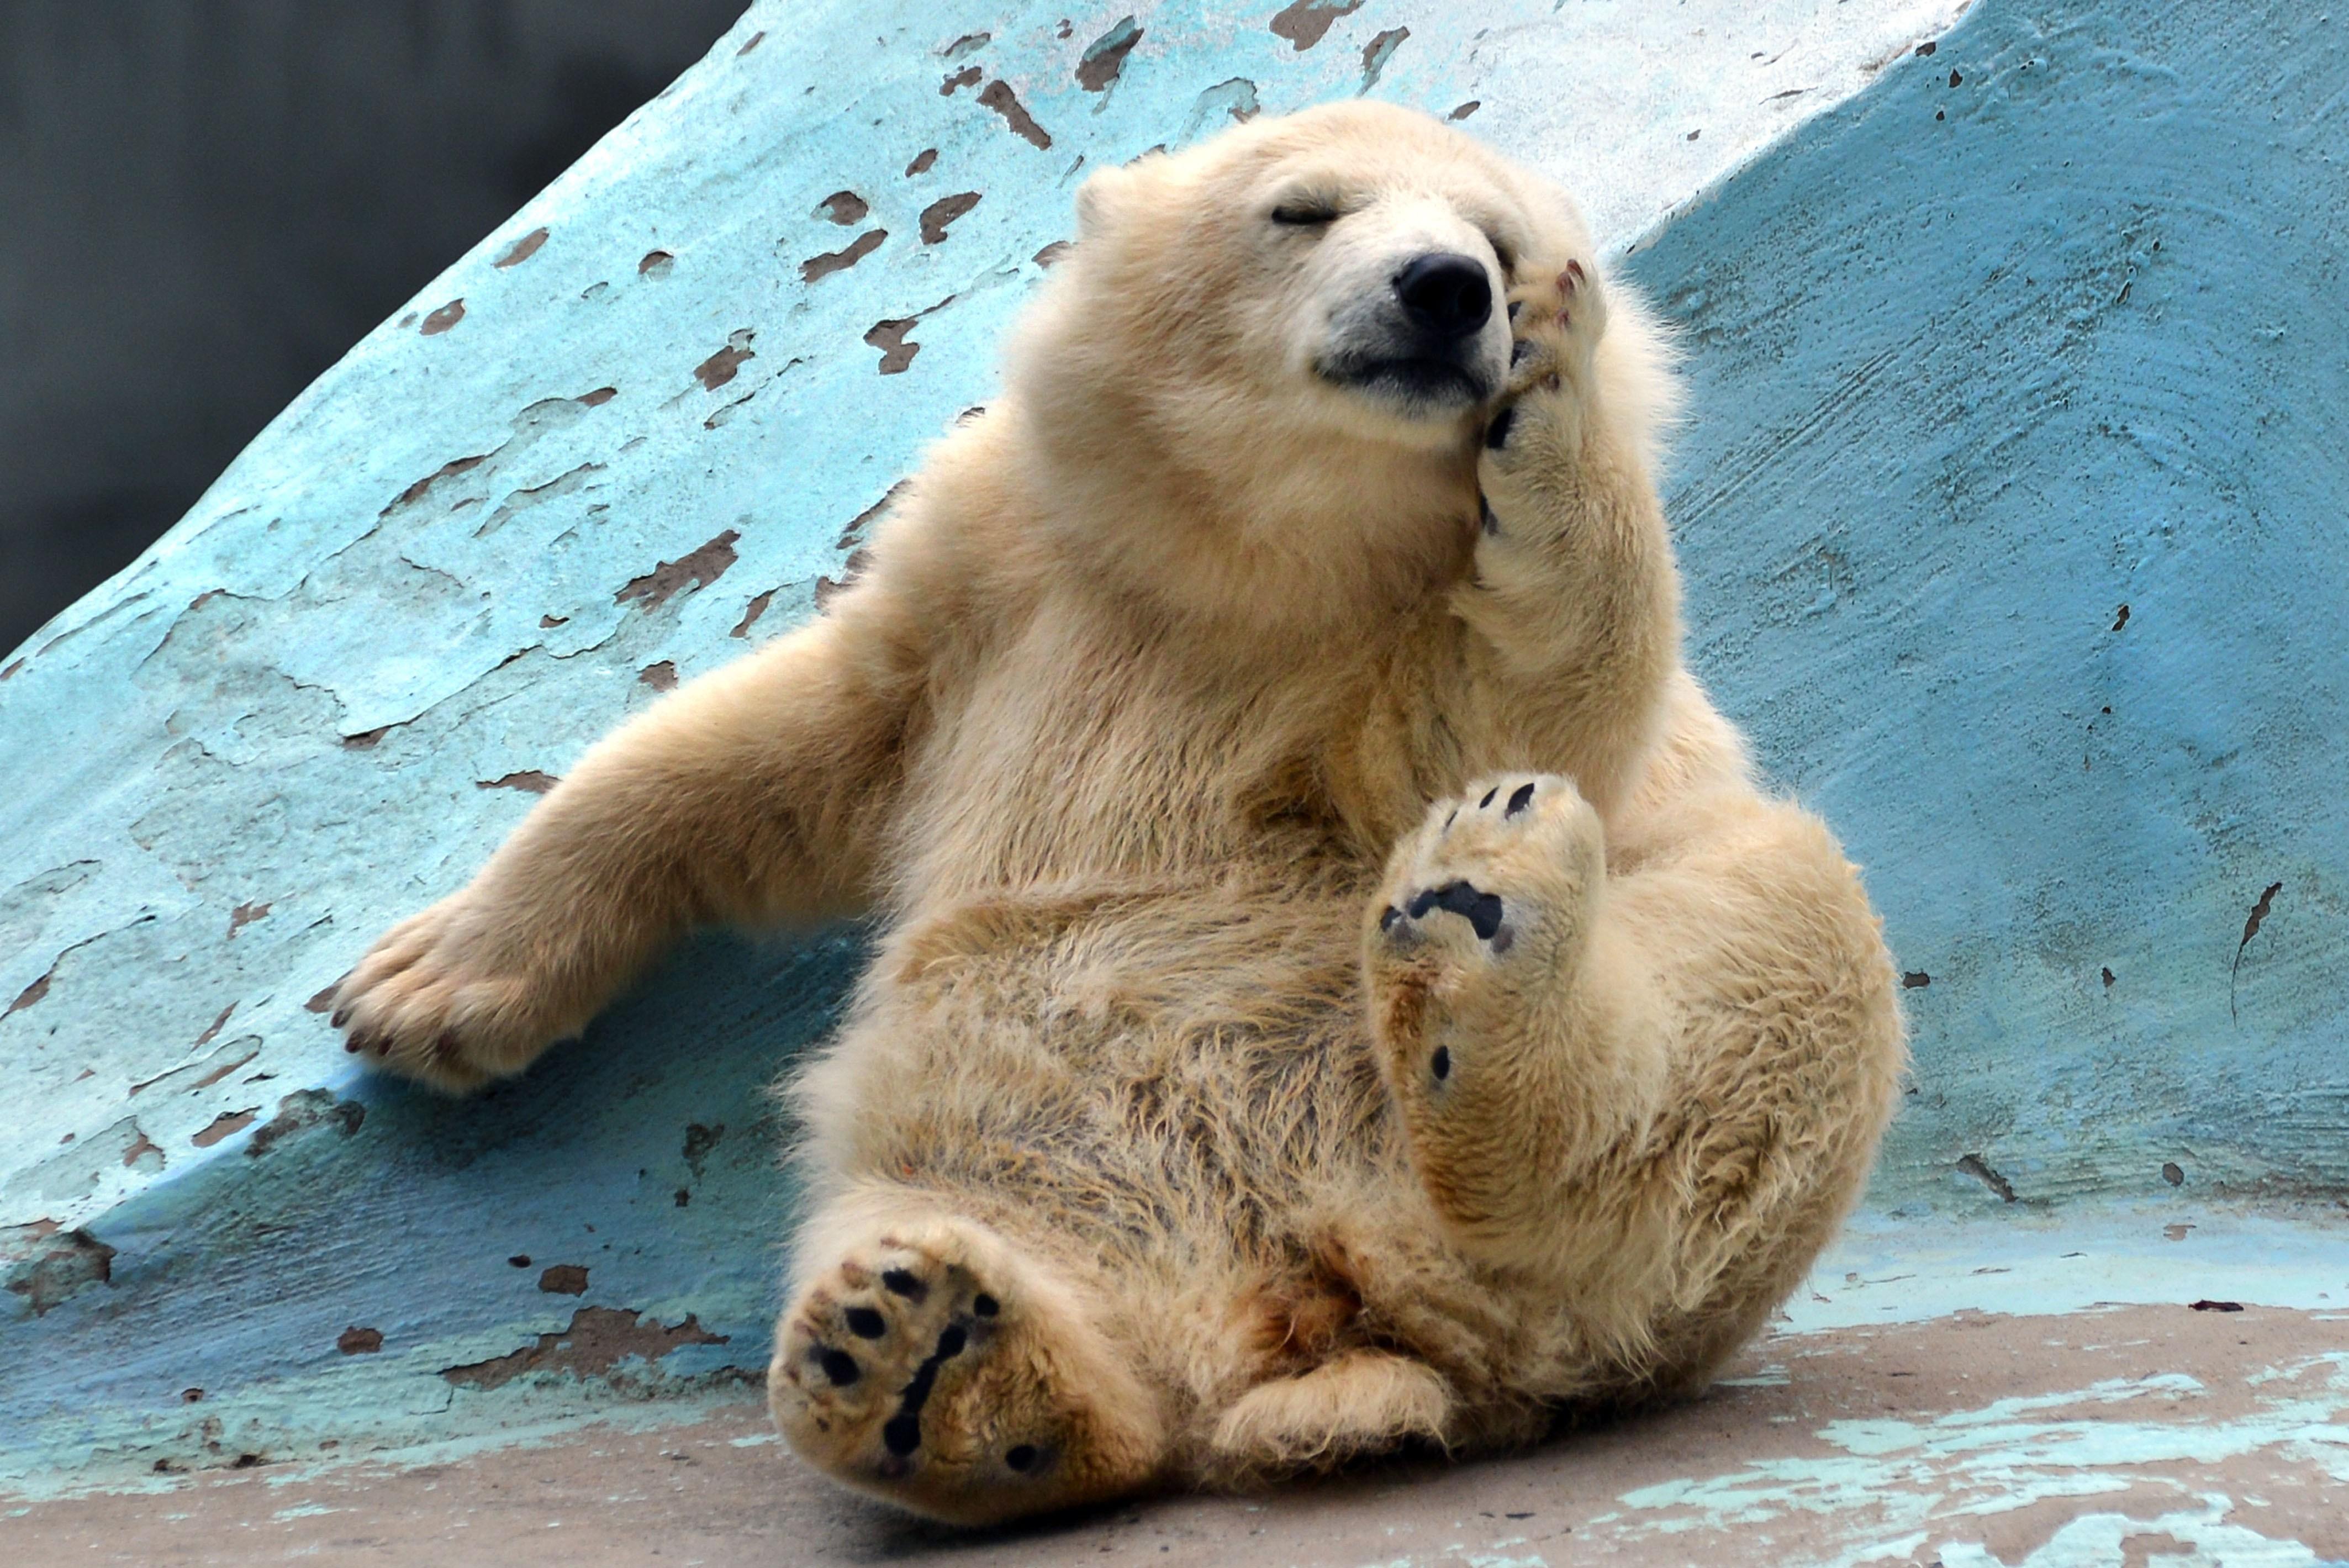 """俄罗斯北极熊""""做瑜伽""""被围观 害羞躲避(图)"""